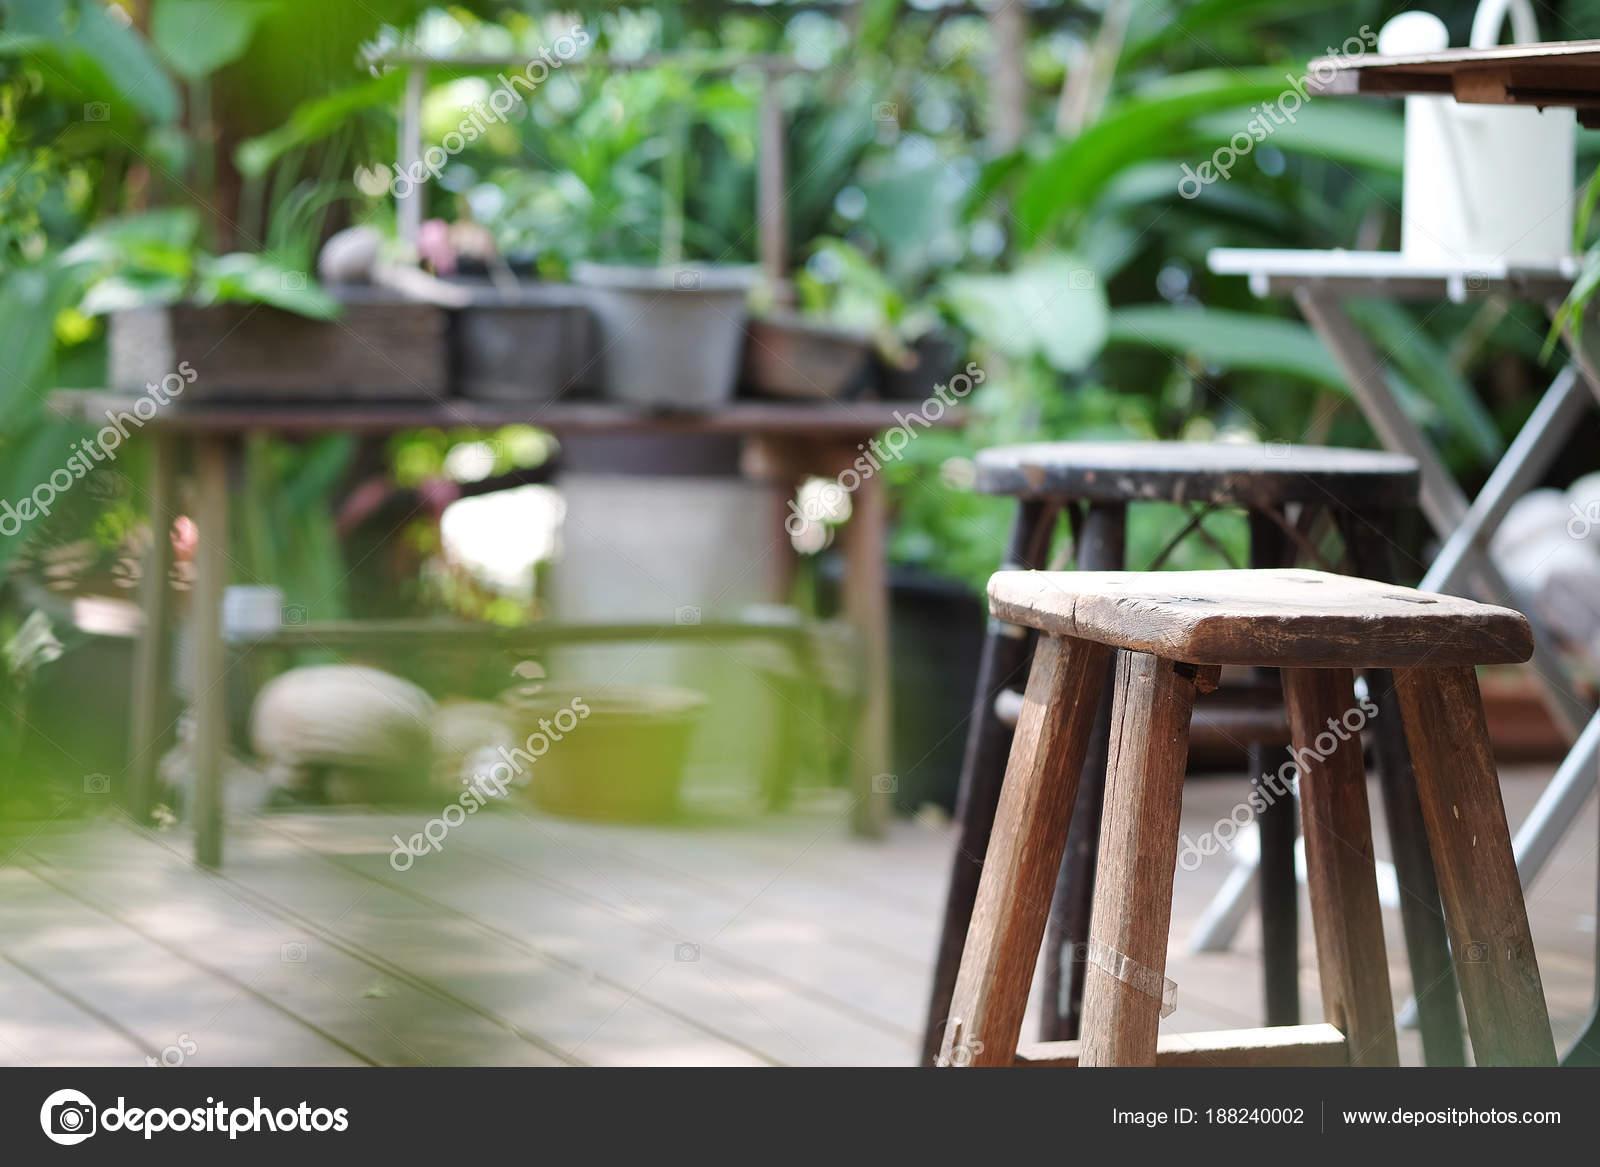 Sgabello legno giardino verde u2014 foto stock © ponsulak #188240002